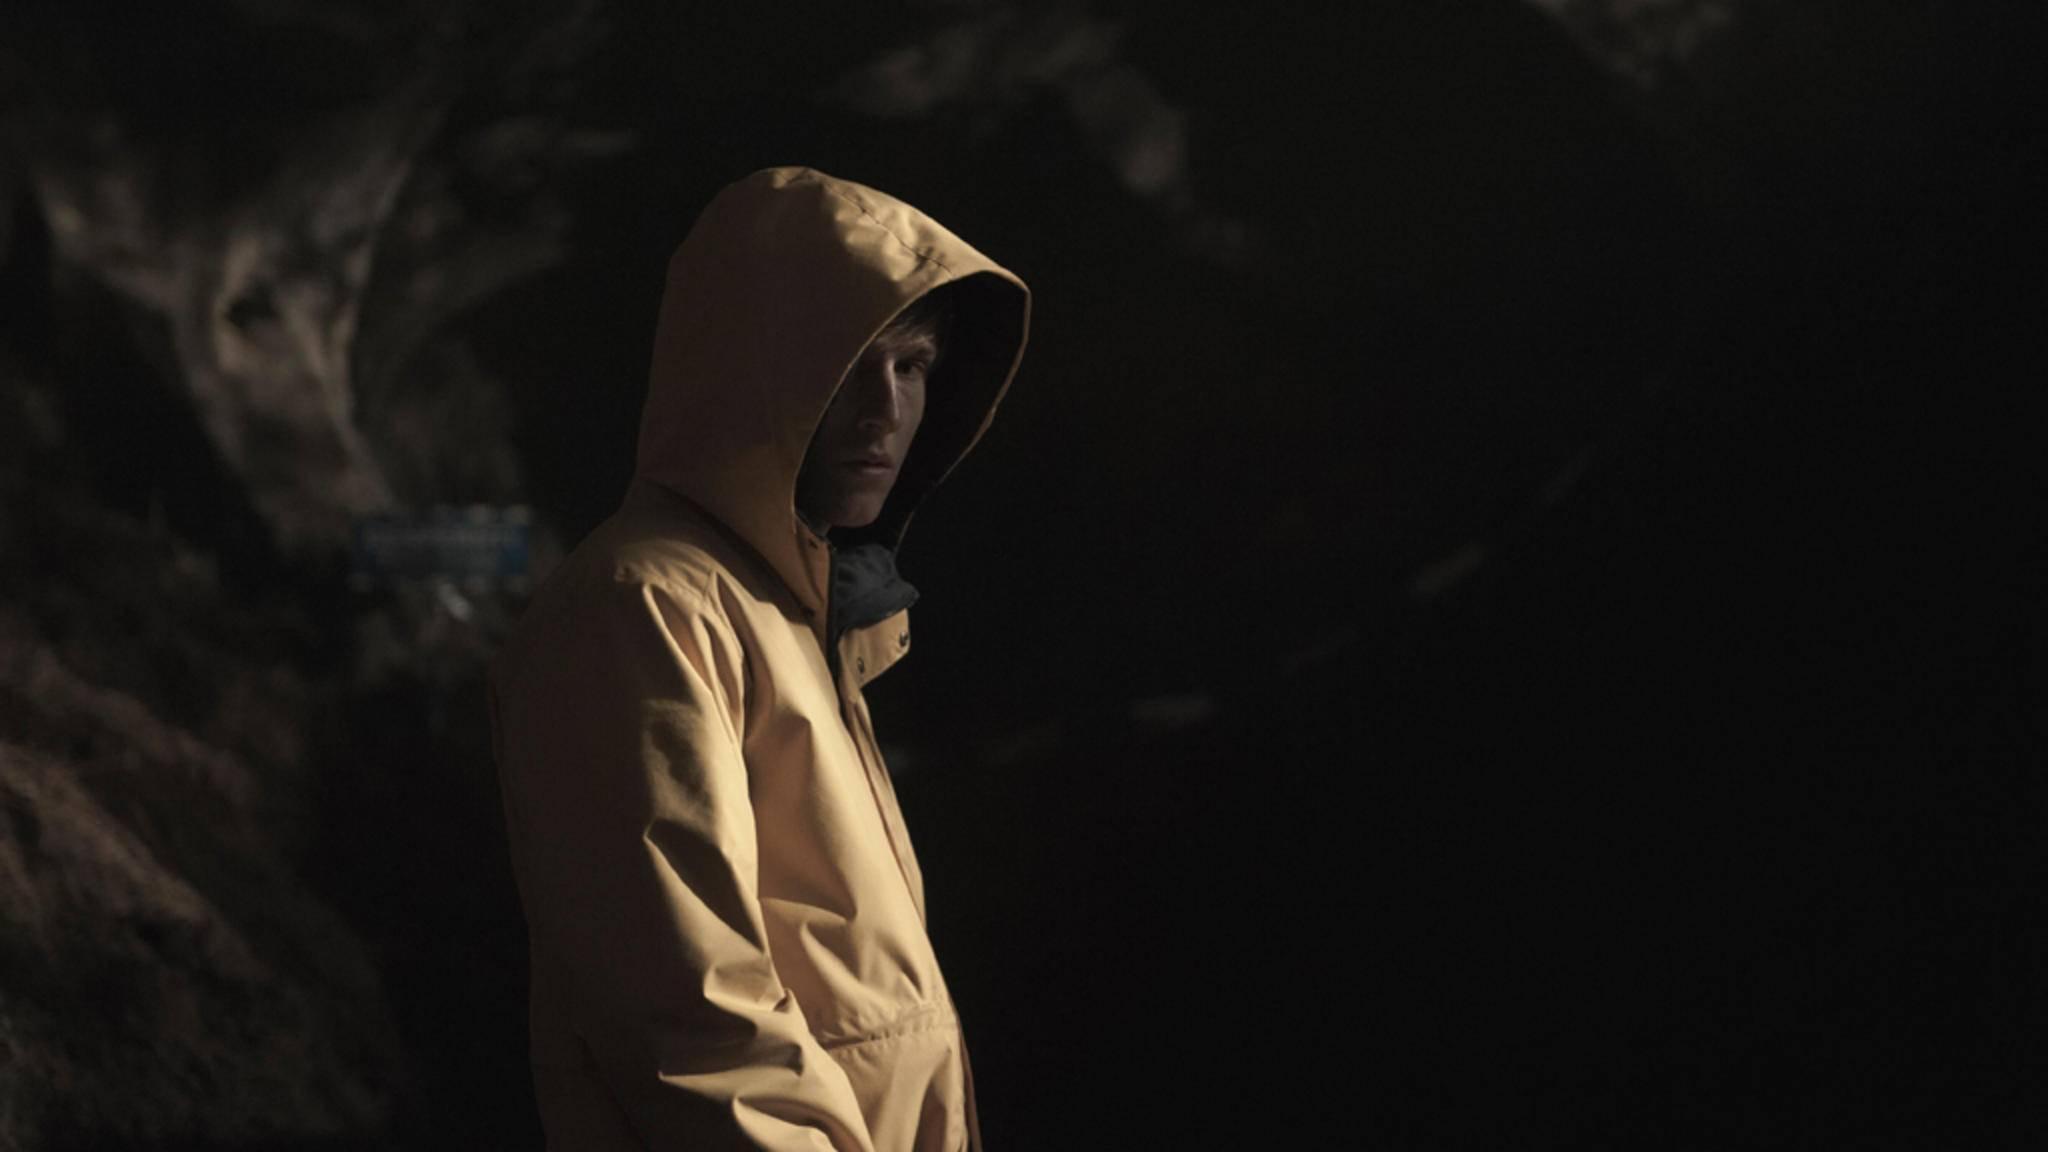 """Was erwartet Jonas Kahnwald (Louis Hofmann) wohl in Staffel 2 von """"Dark""""?"""